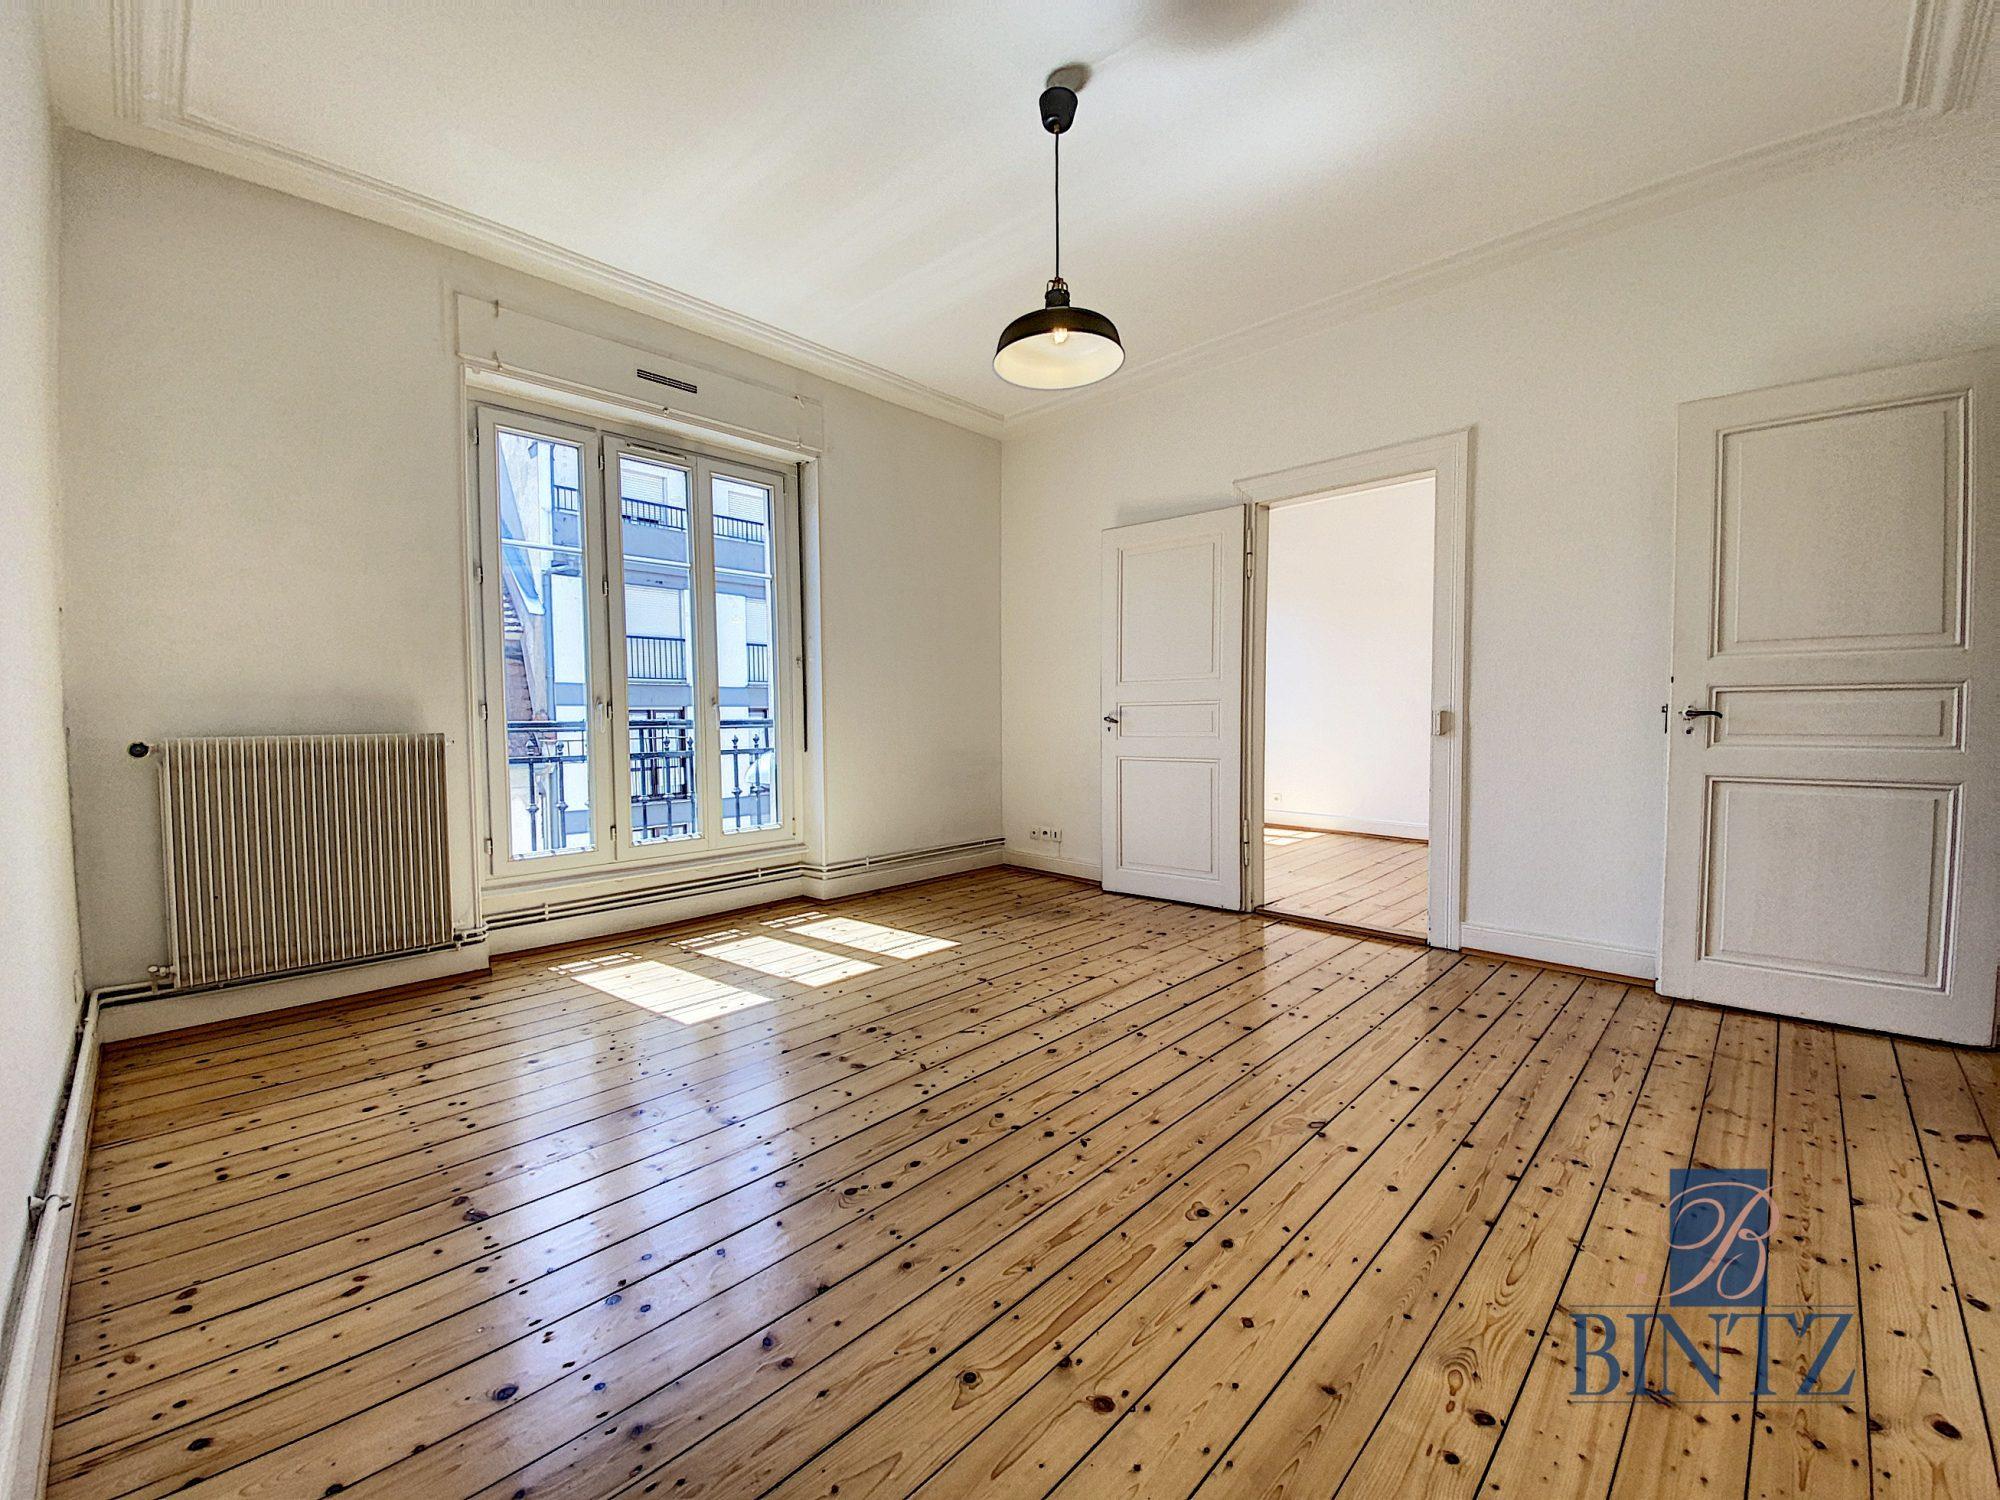 2 PIÈCES NEUDORF - Devenez locataire en toute sérénité - Bintz Immobilier - 4